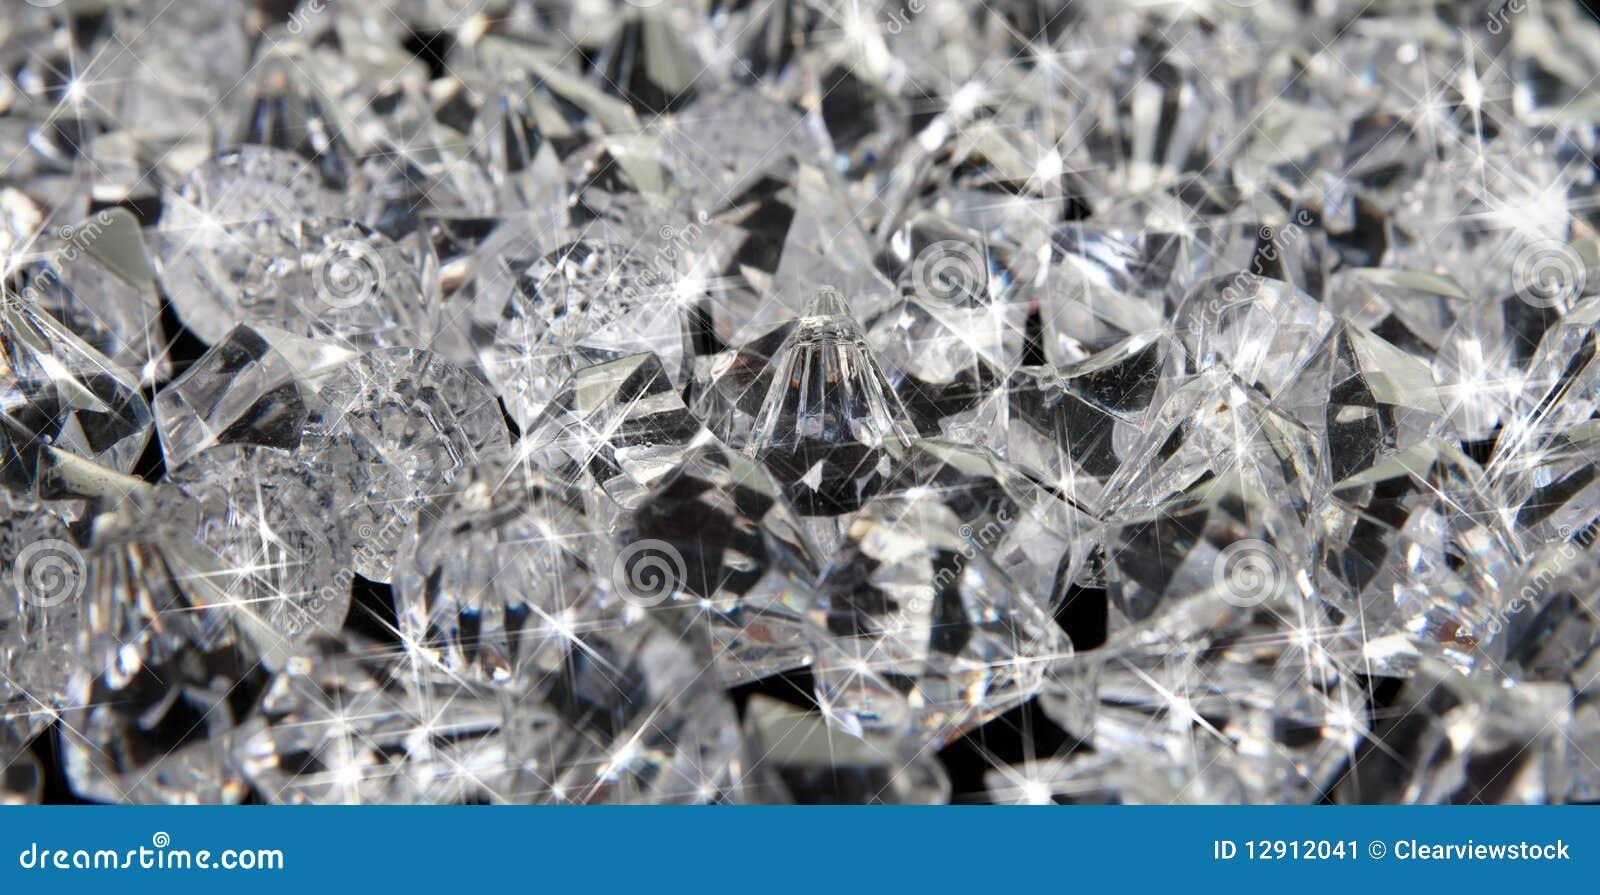 diamond background stock image image of background shiny 12912041